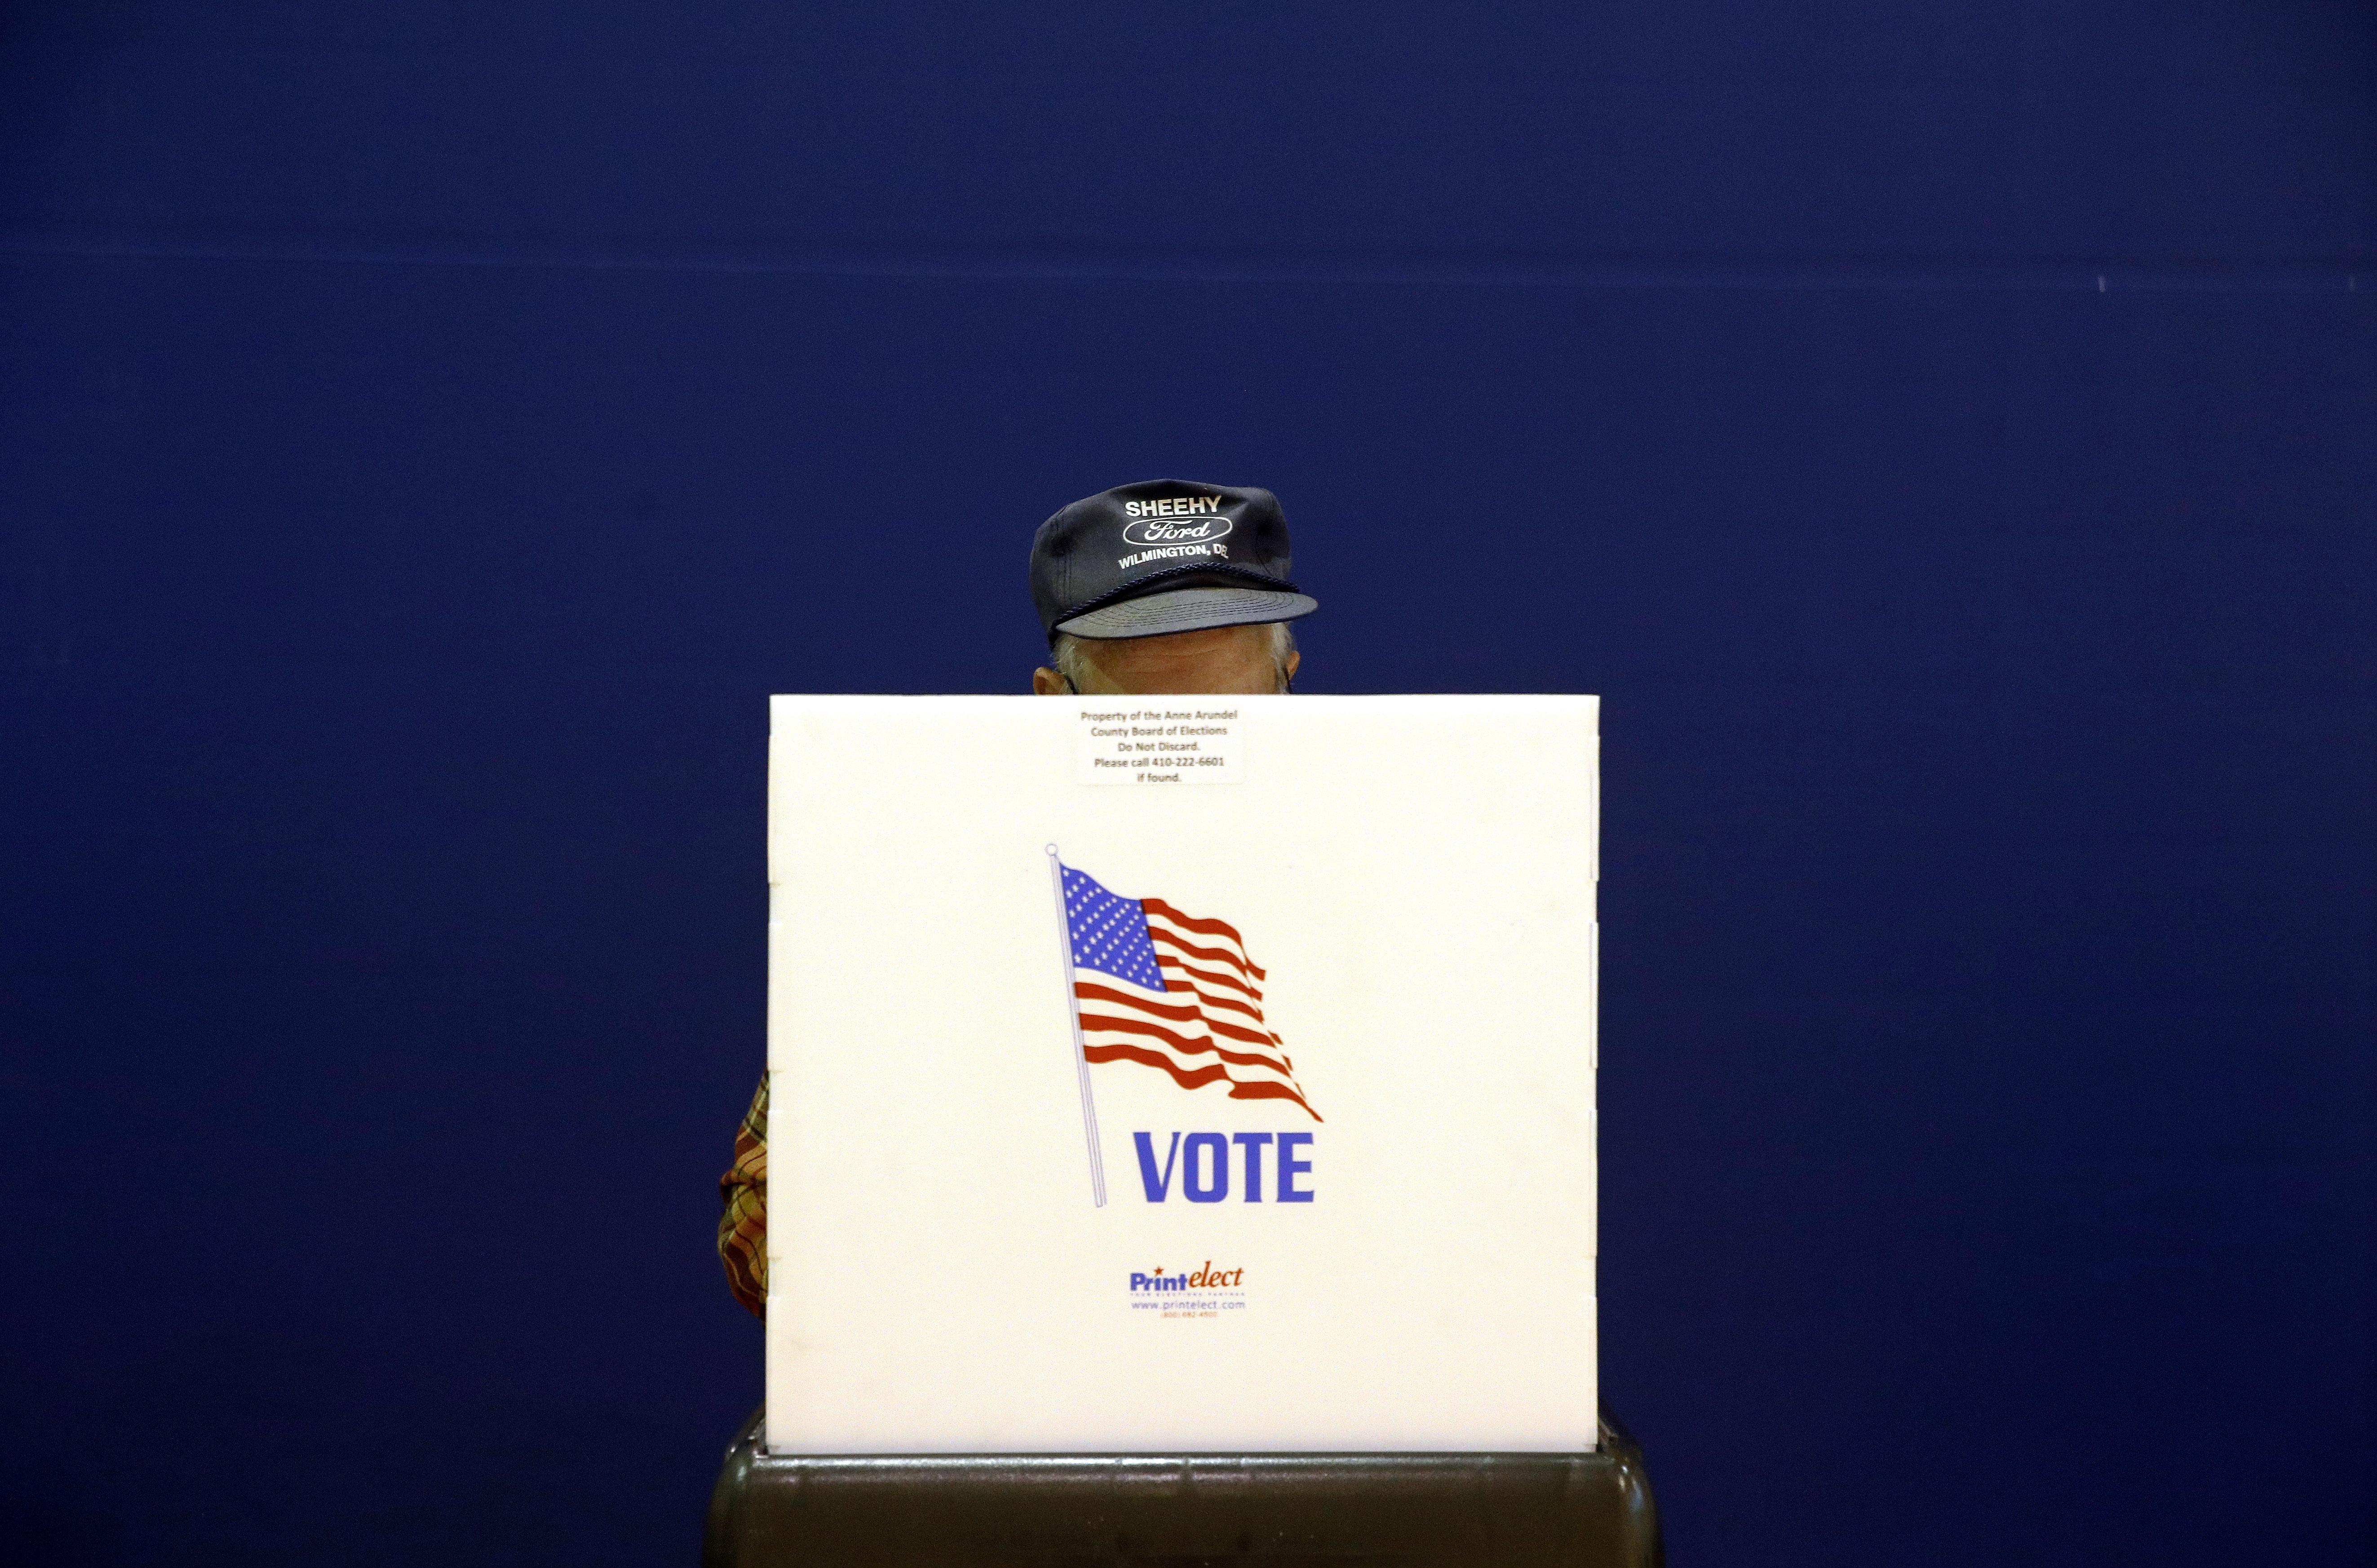 [화보] 미국 중간선거 : 투표장으로 향하는 미국인들의 모습